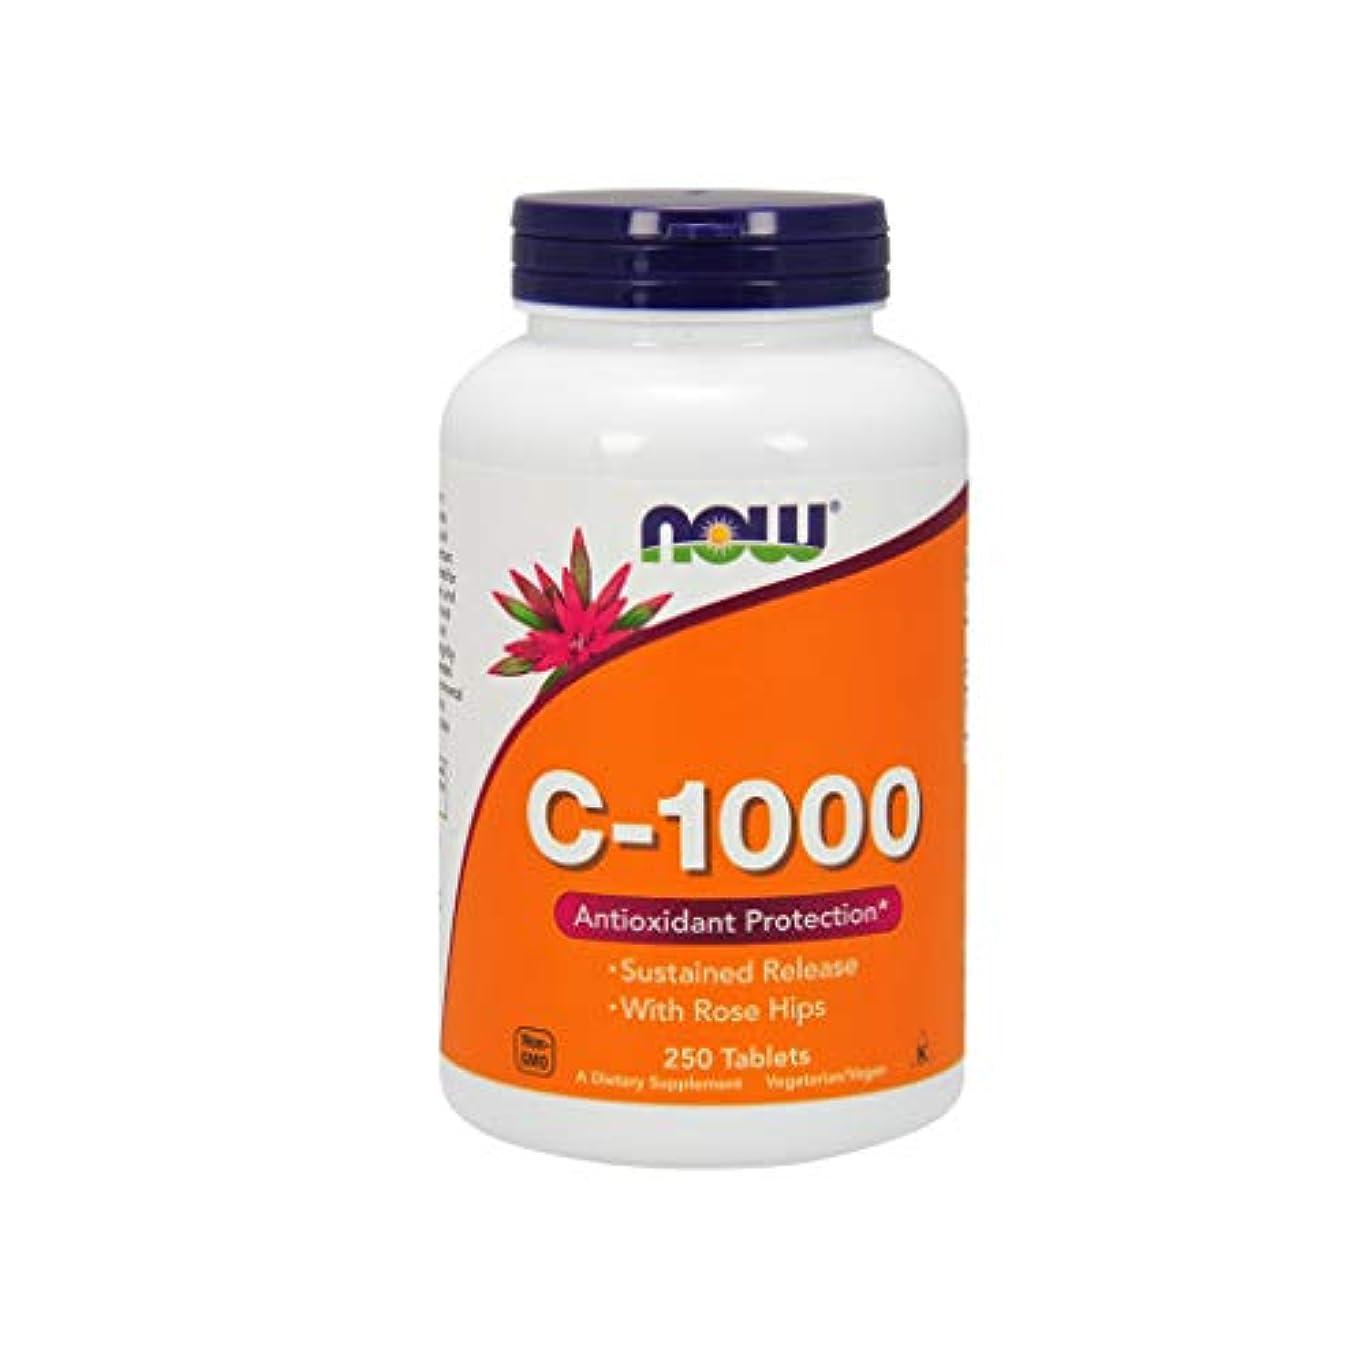 マウスラグ出発[海外直送品] ナウフーズ  - バラの実が付いているビタミンC1000の時間解放 - 250錠剤